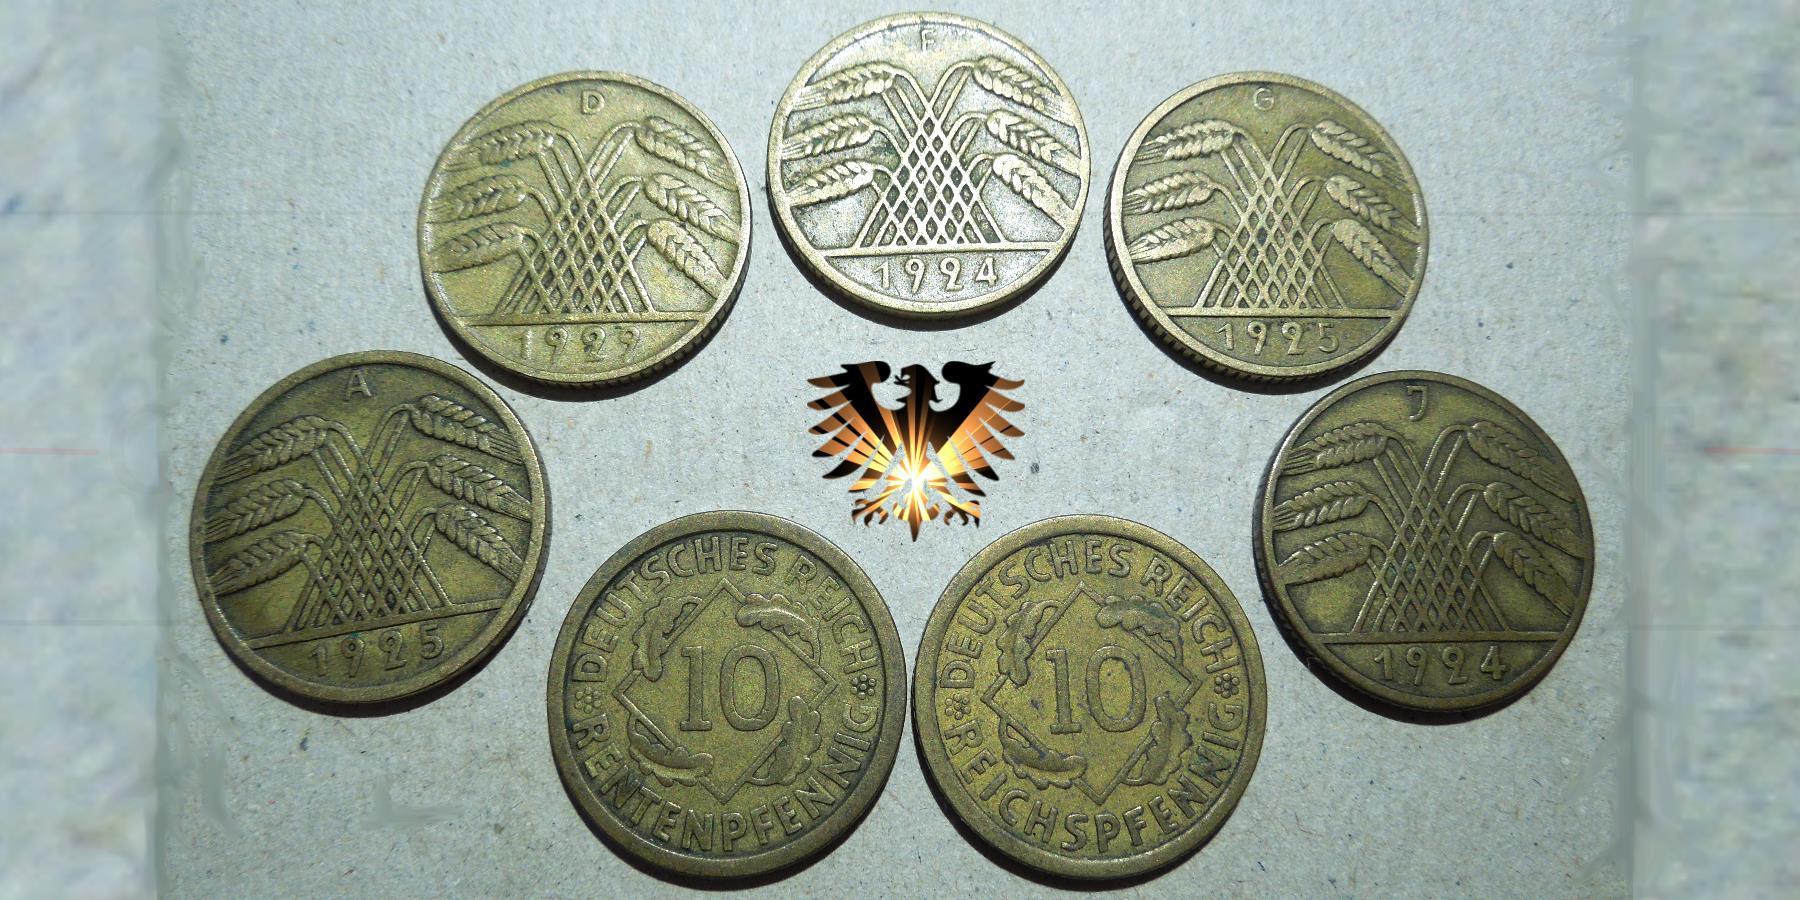 10 Rentenpfennig Deutsches Reich 1924 Mit Fehlprägung